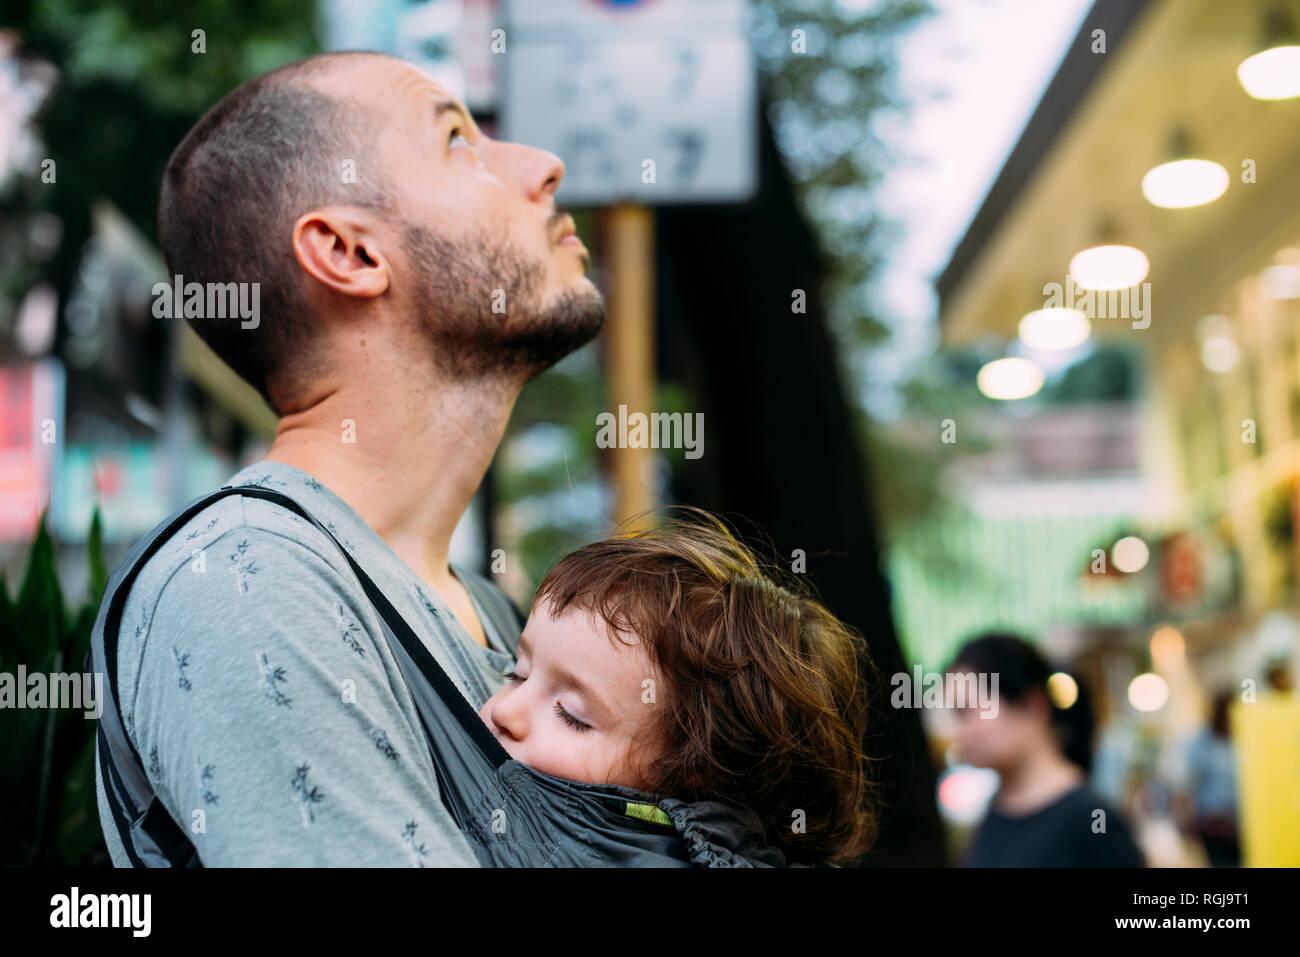 China, Hong Kong, padre viajando con la niña durmiendo en un carrito de bebé Foto de stock